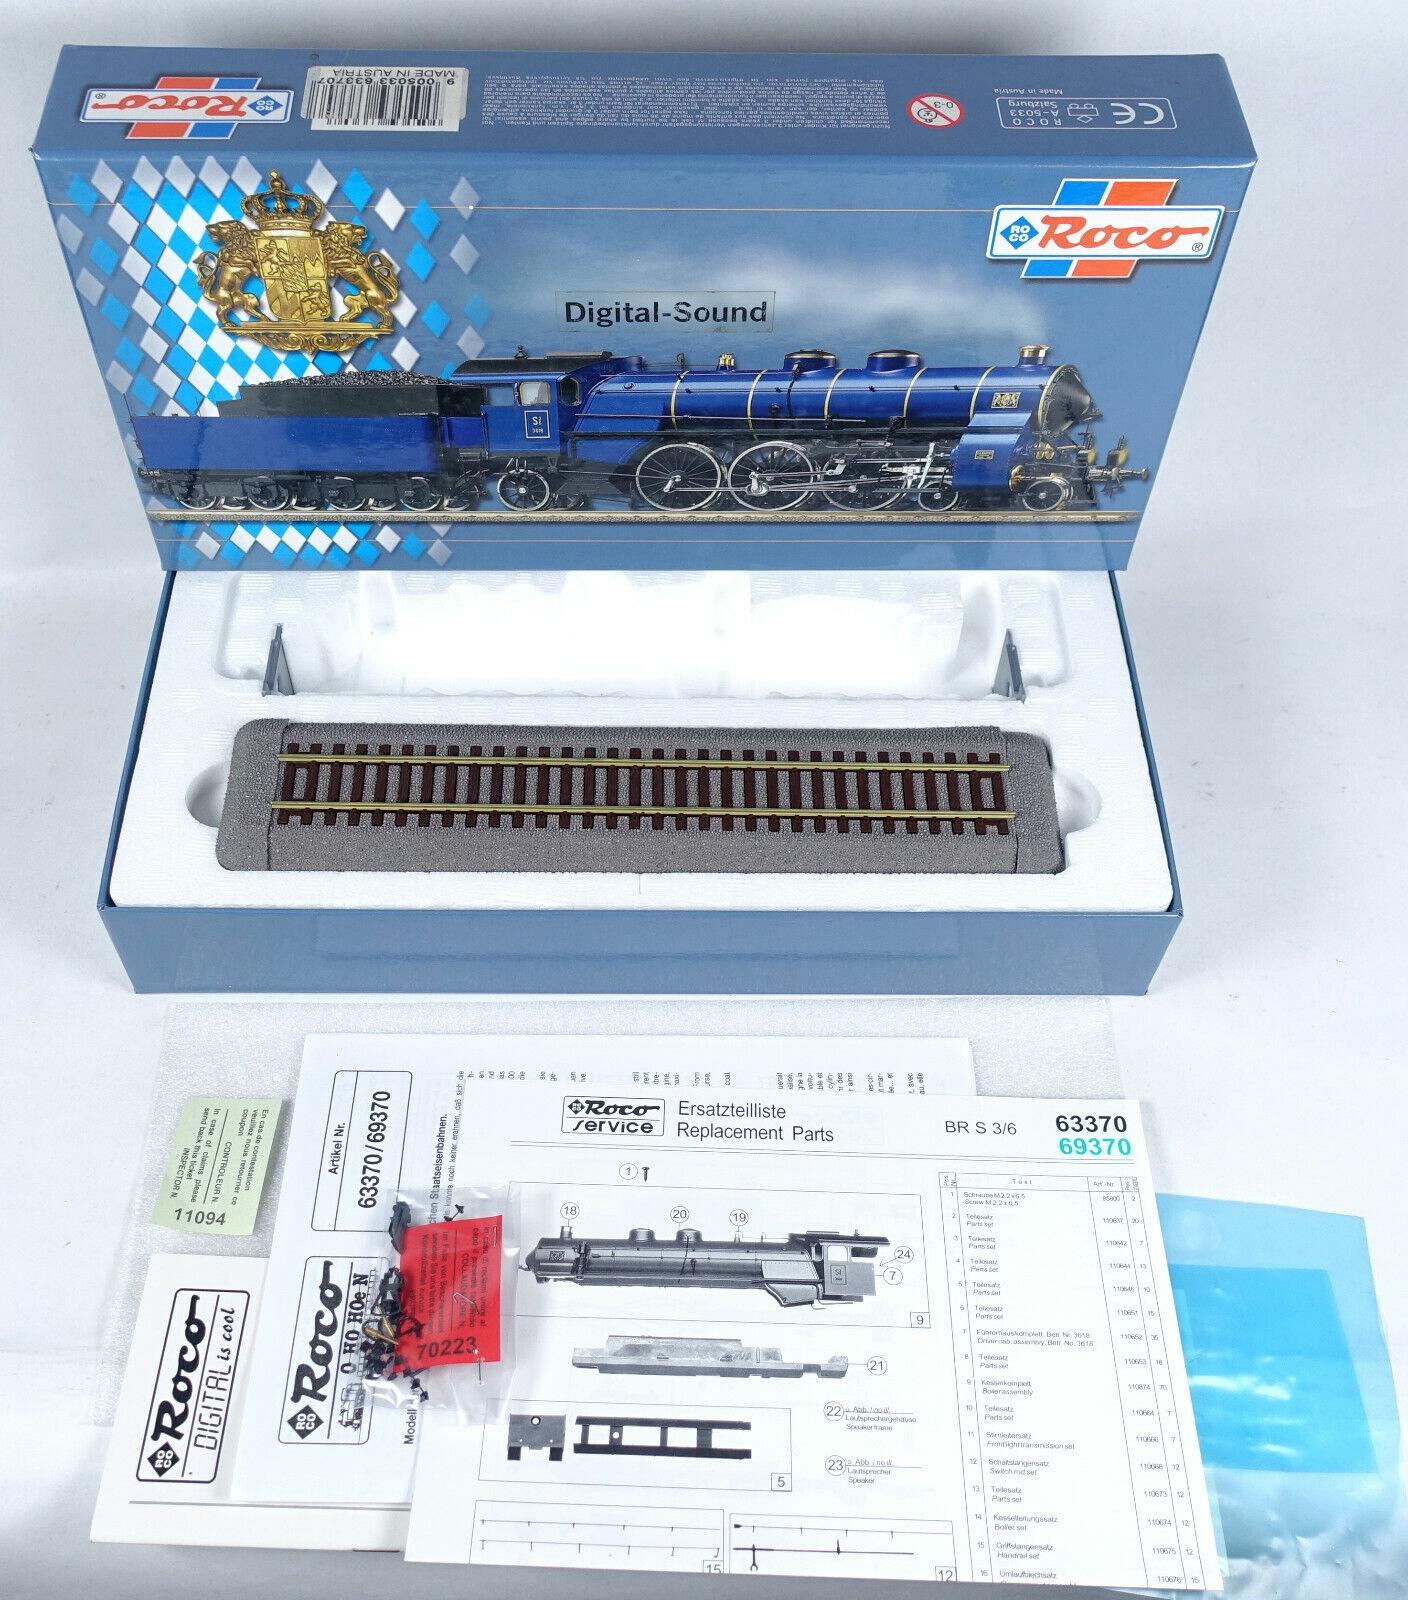 Roco Cochetón vacía 63370 máquina de vapor s 3 6 K. Bay. STB 3618 digital en blancoo de embalaje 69370